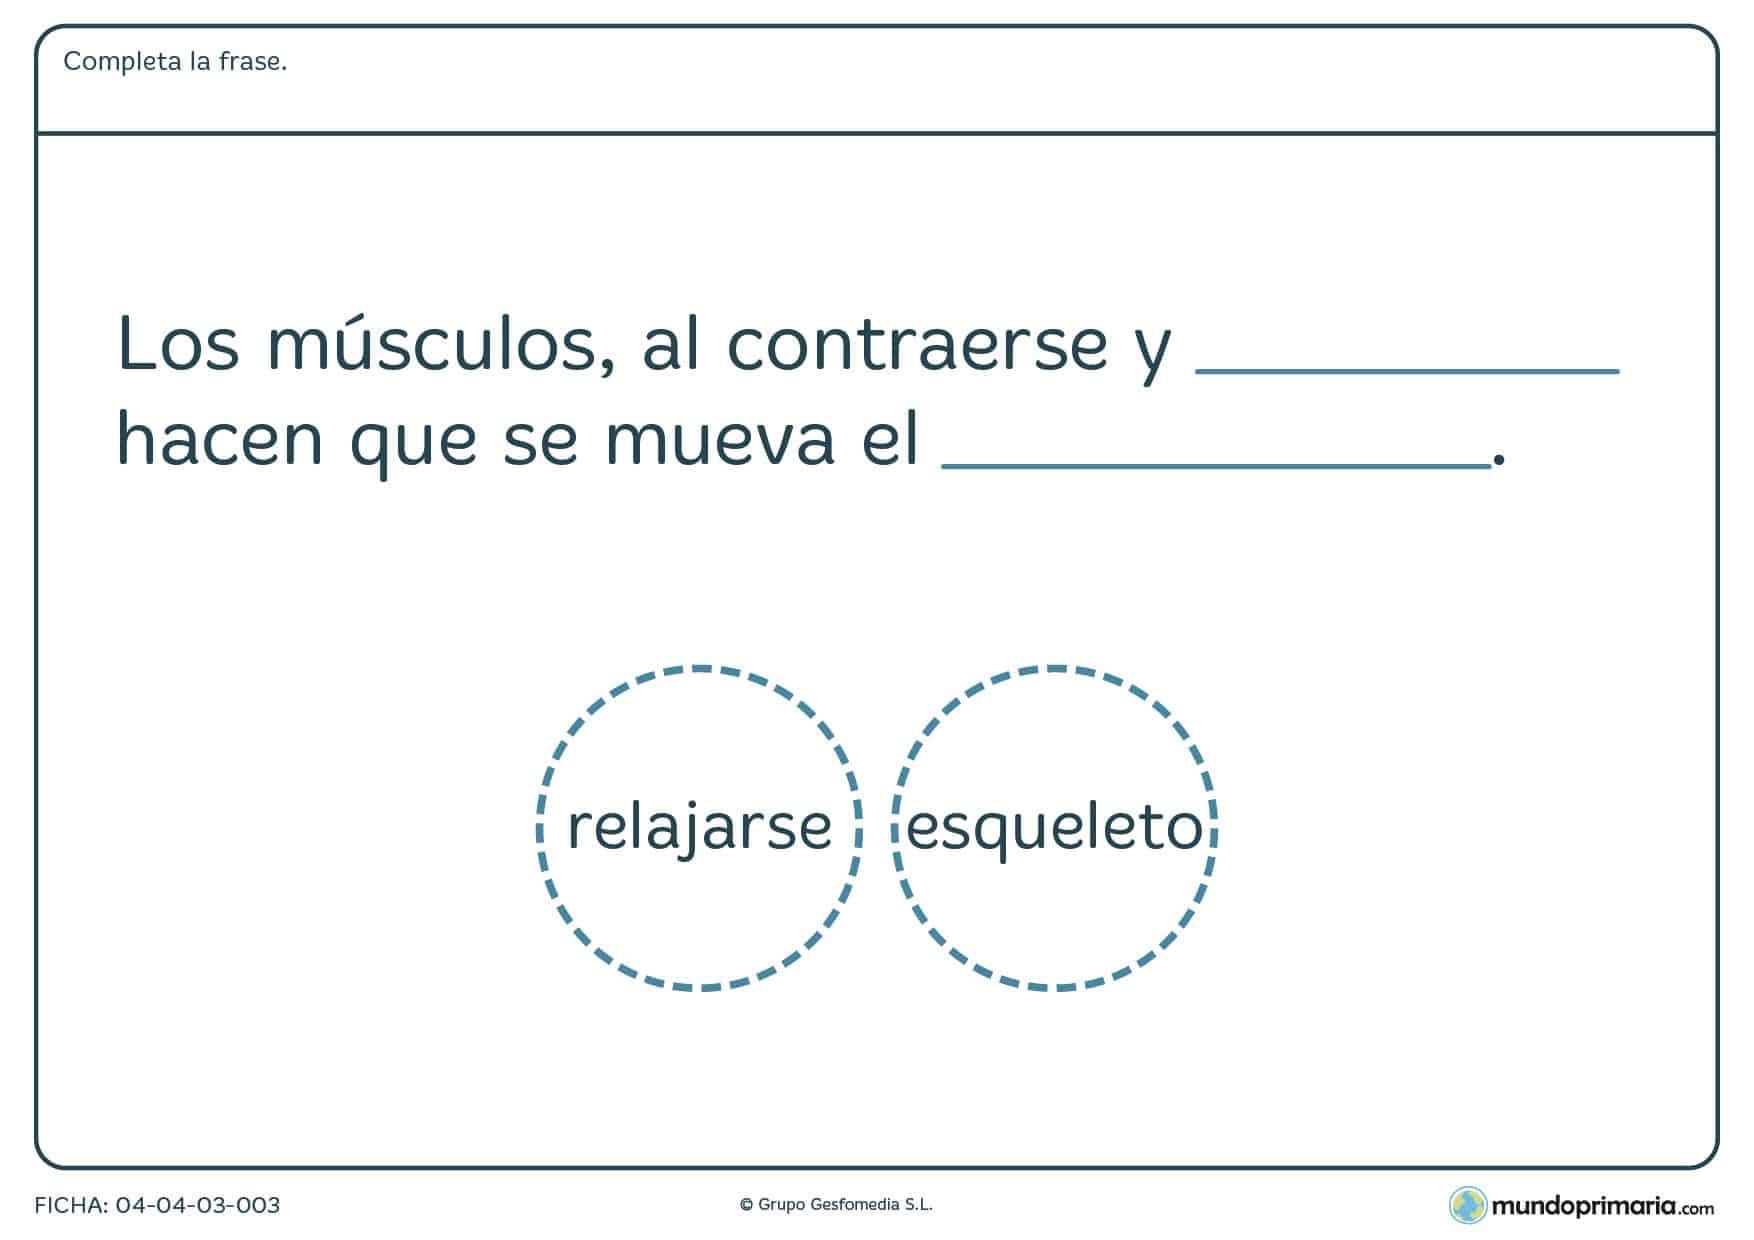 Ficha de los músculos en el que hay que completar la frase con la palabra correcta proporcionada en el ejercicio.